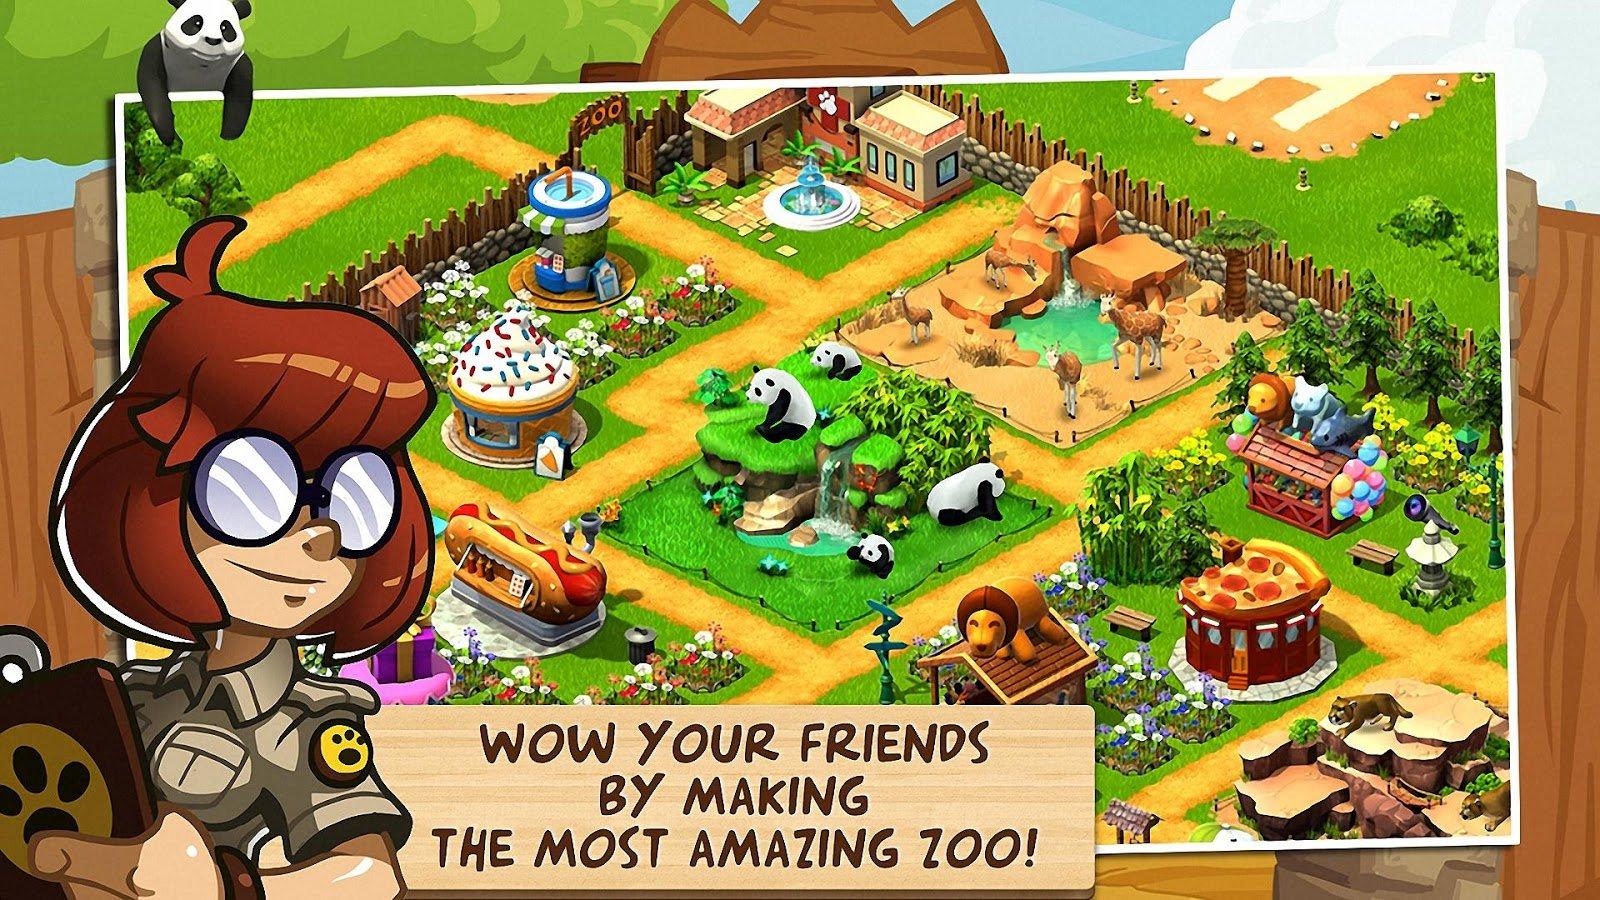 Игра wonder zoo скачать бесплатно на компьютер